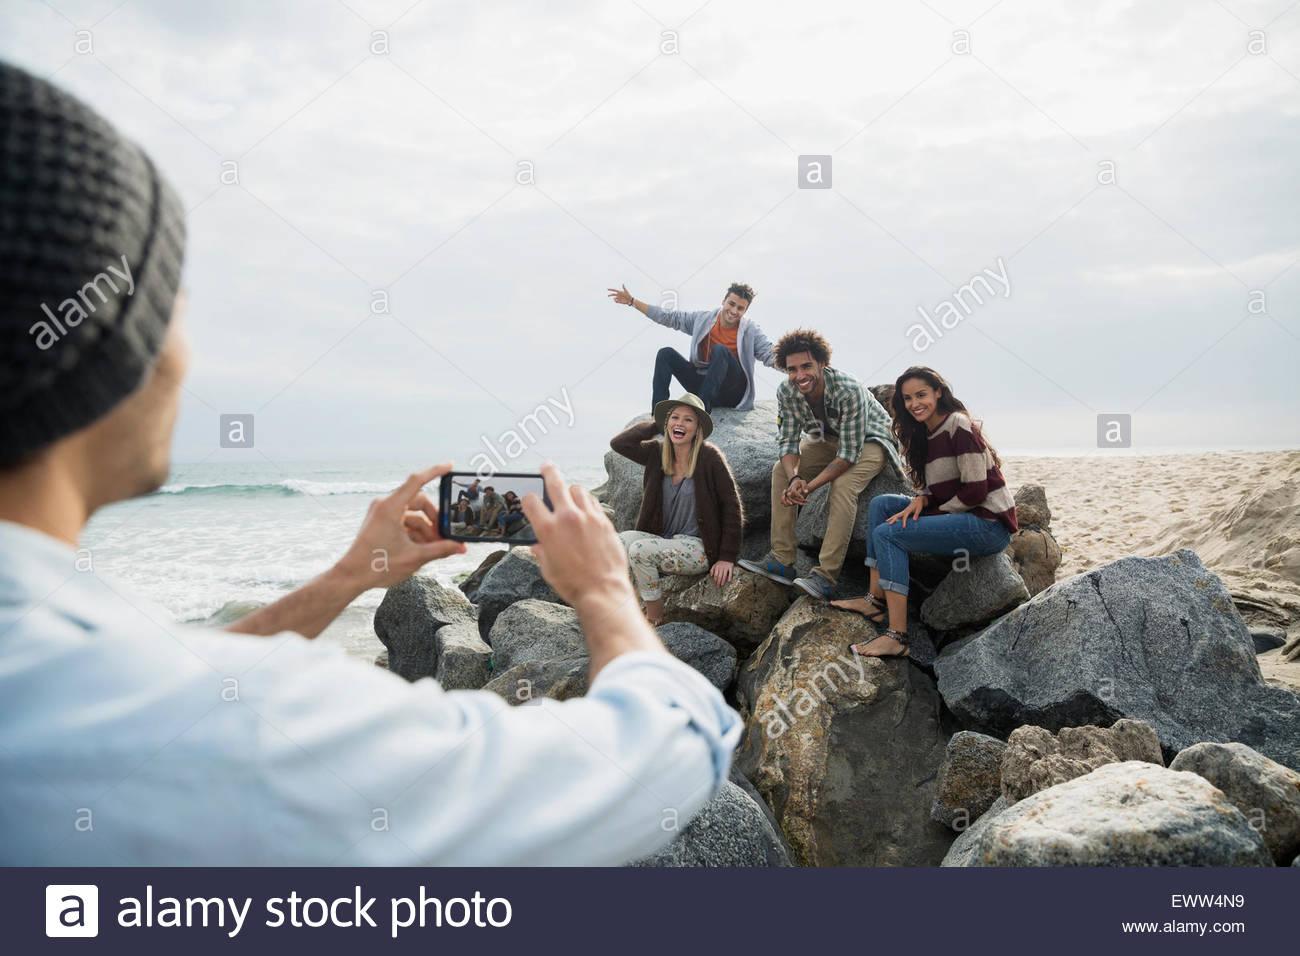 Freunde posieren für Fotos am Strand rocks Stockbild